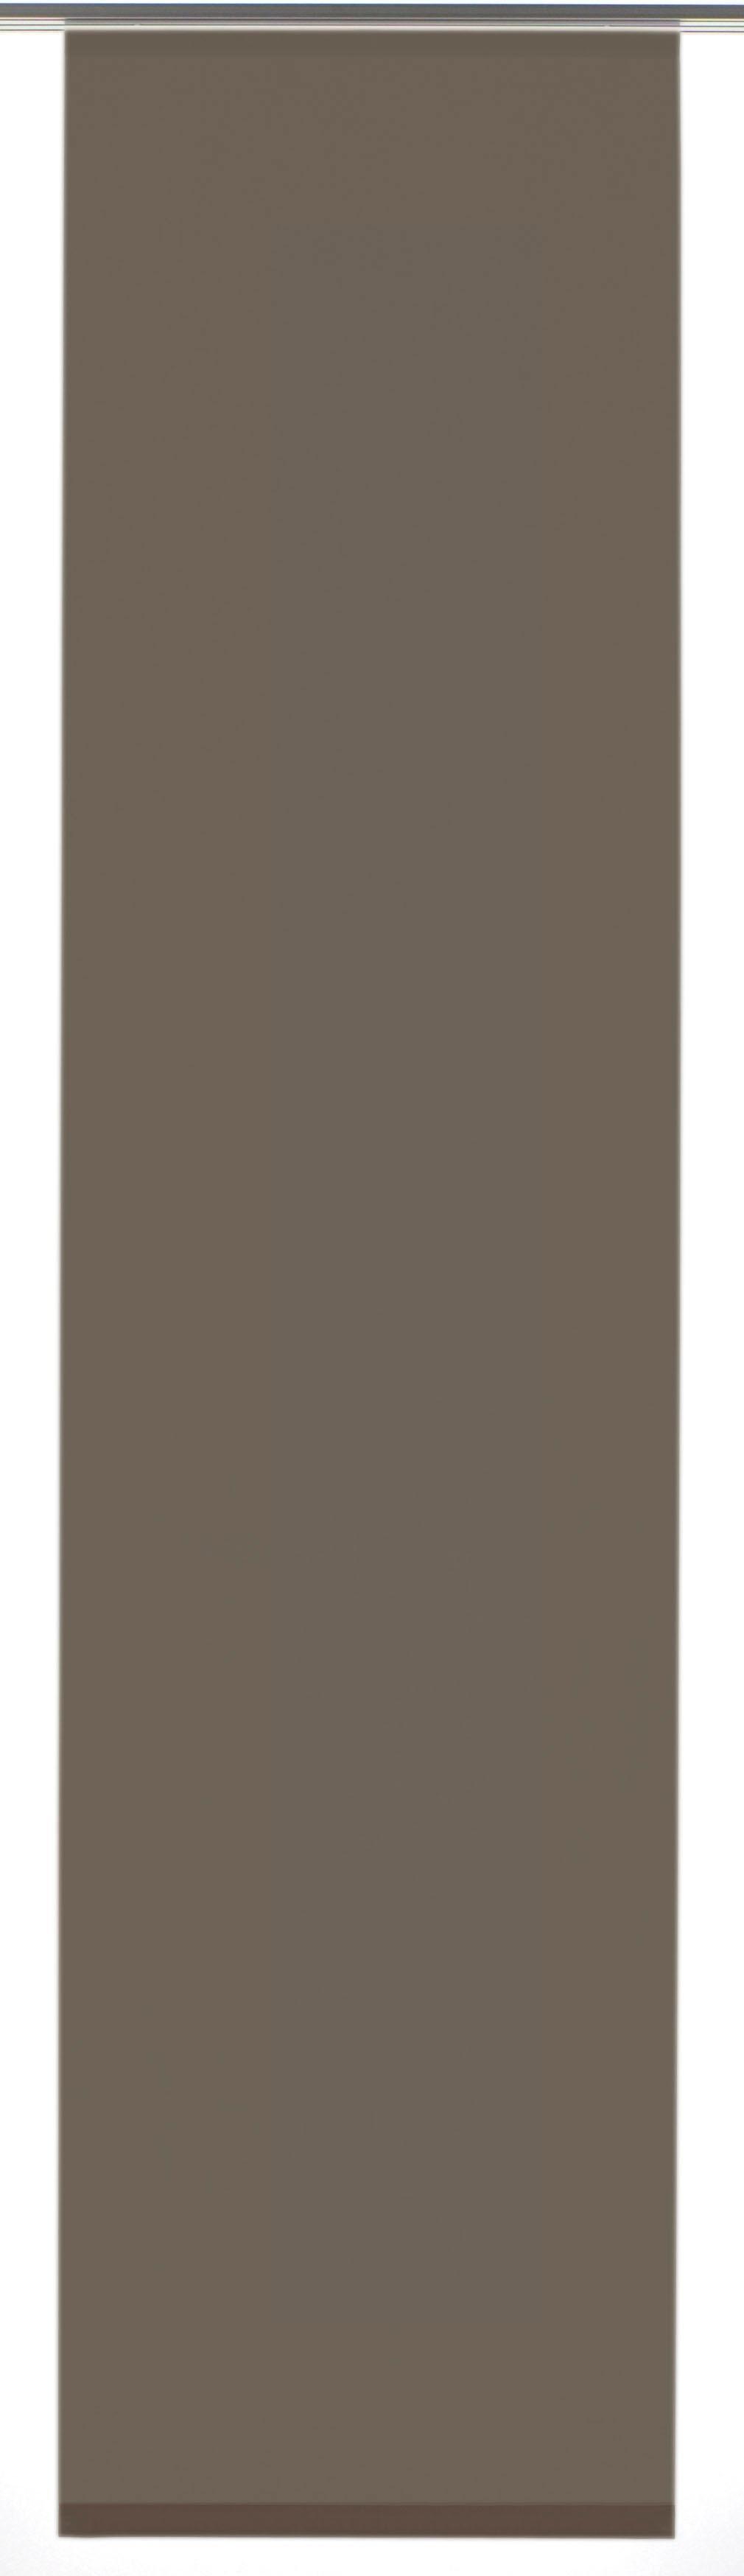 GARDINIA Paneelgordijn Entry met wit railsysteem HxB: 245x60 (1 stuk) in de webshop van OTTO kopen